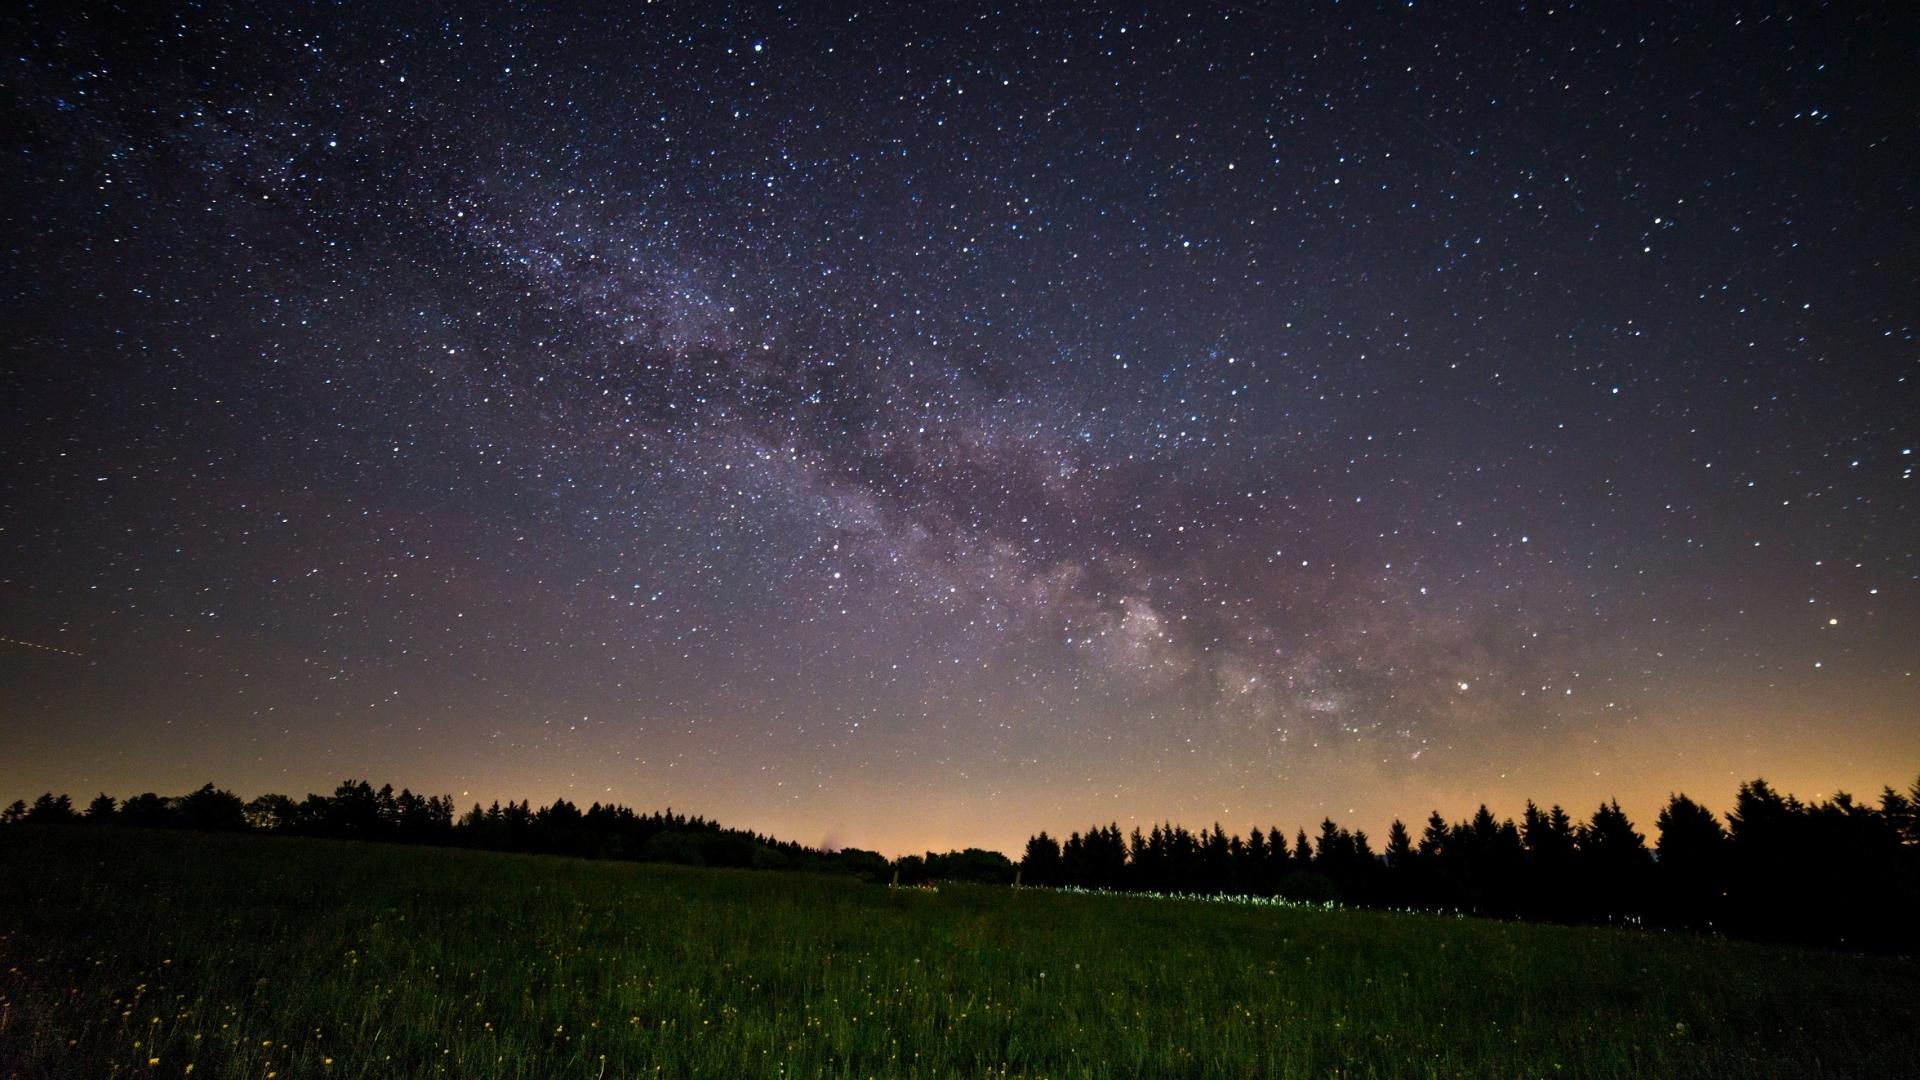 Oak tree's night sky